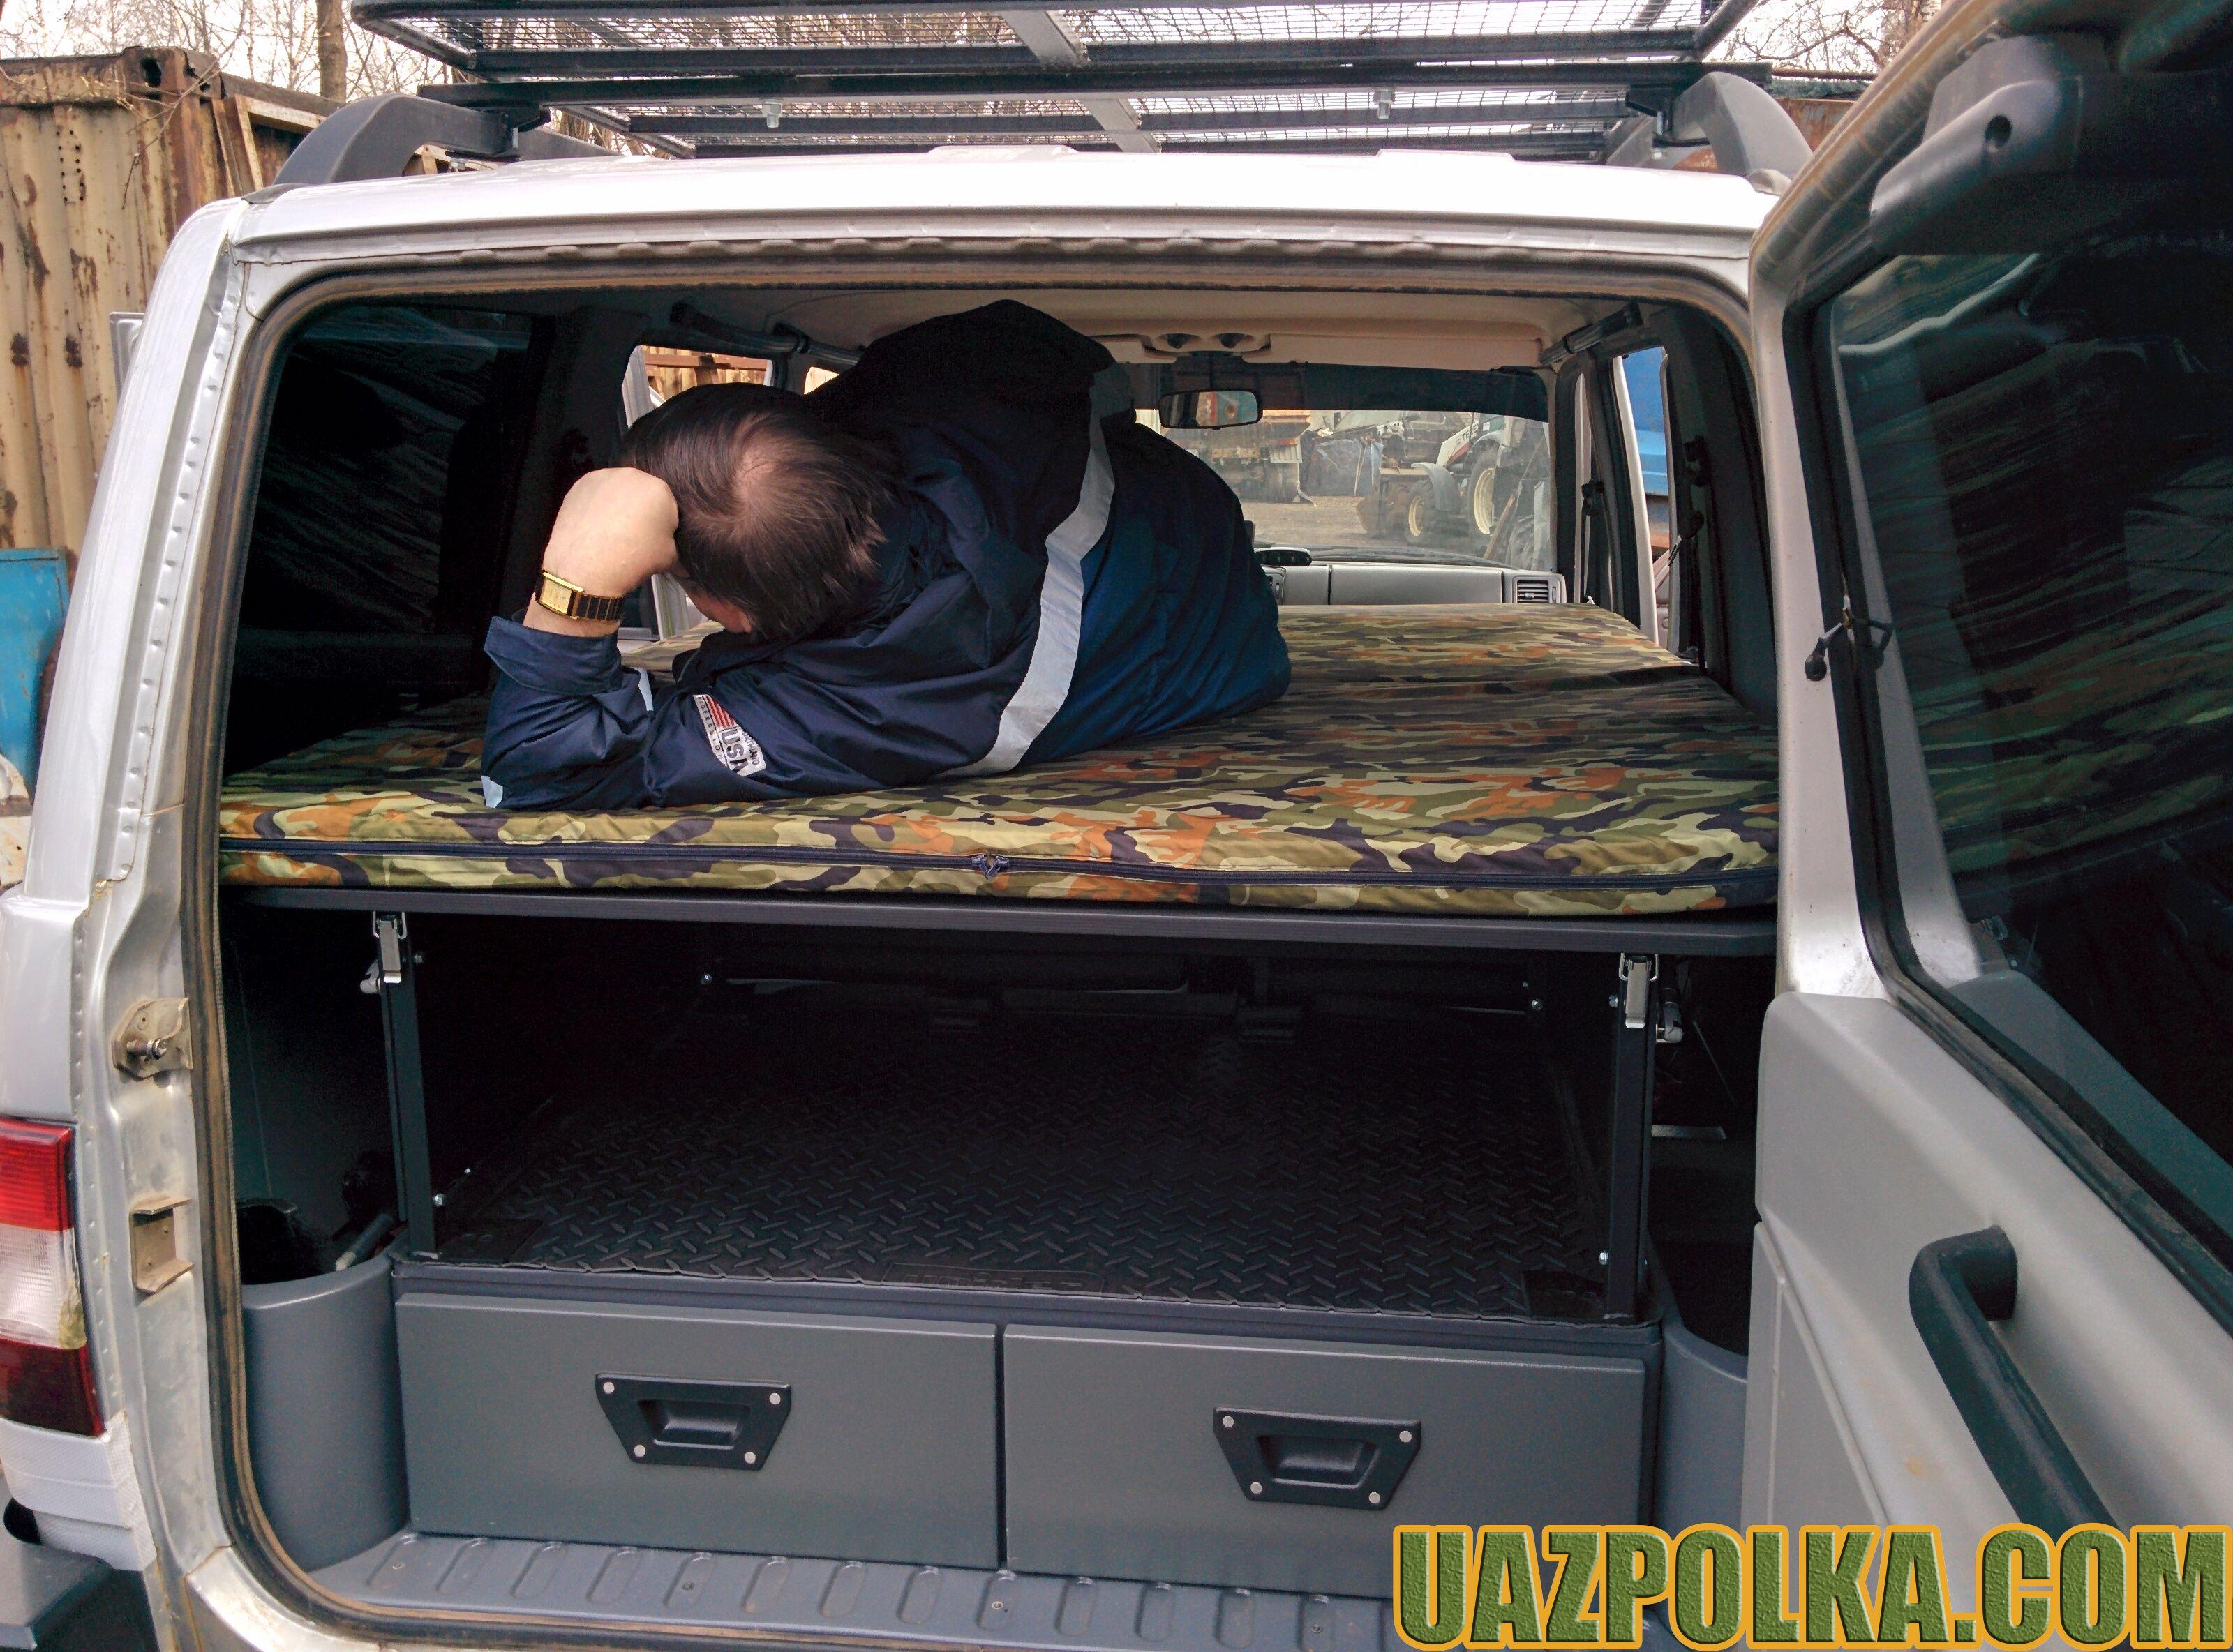 Полка Эконом New с лежанкой на ящиках стороннего производителя_14